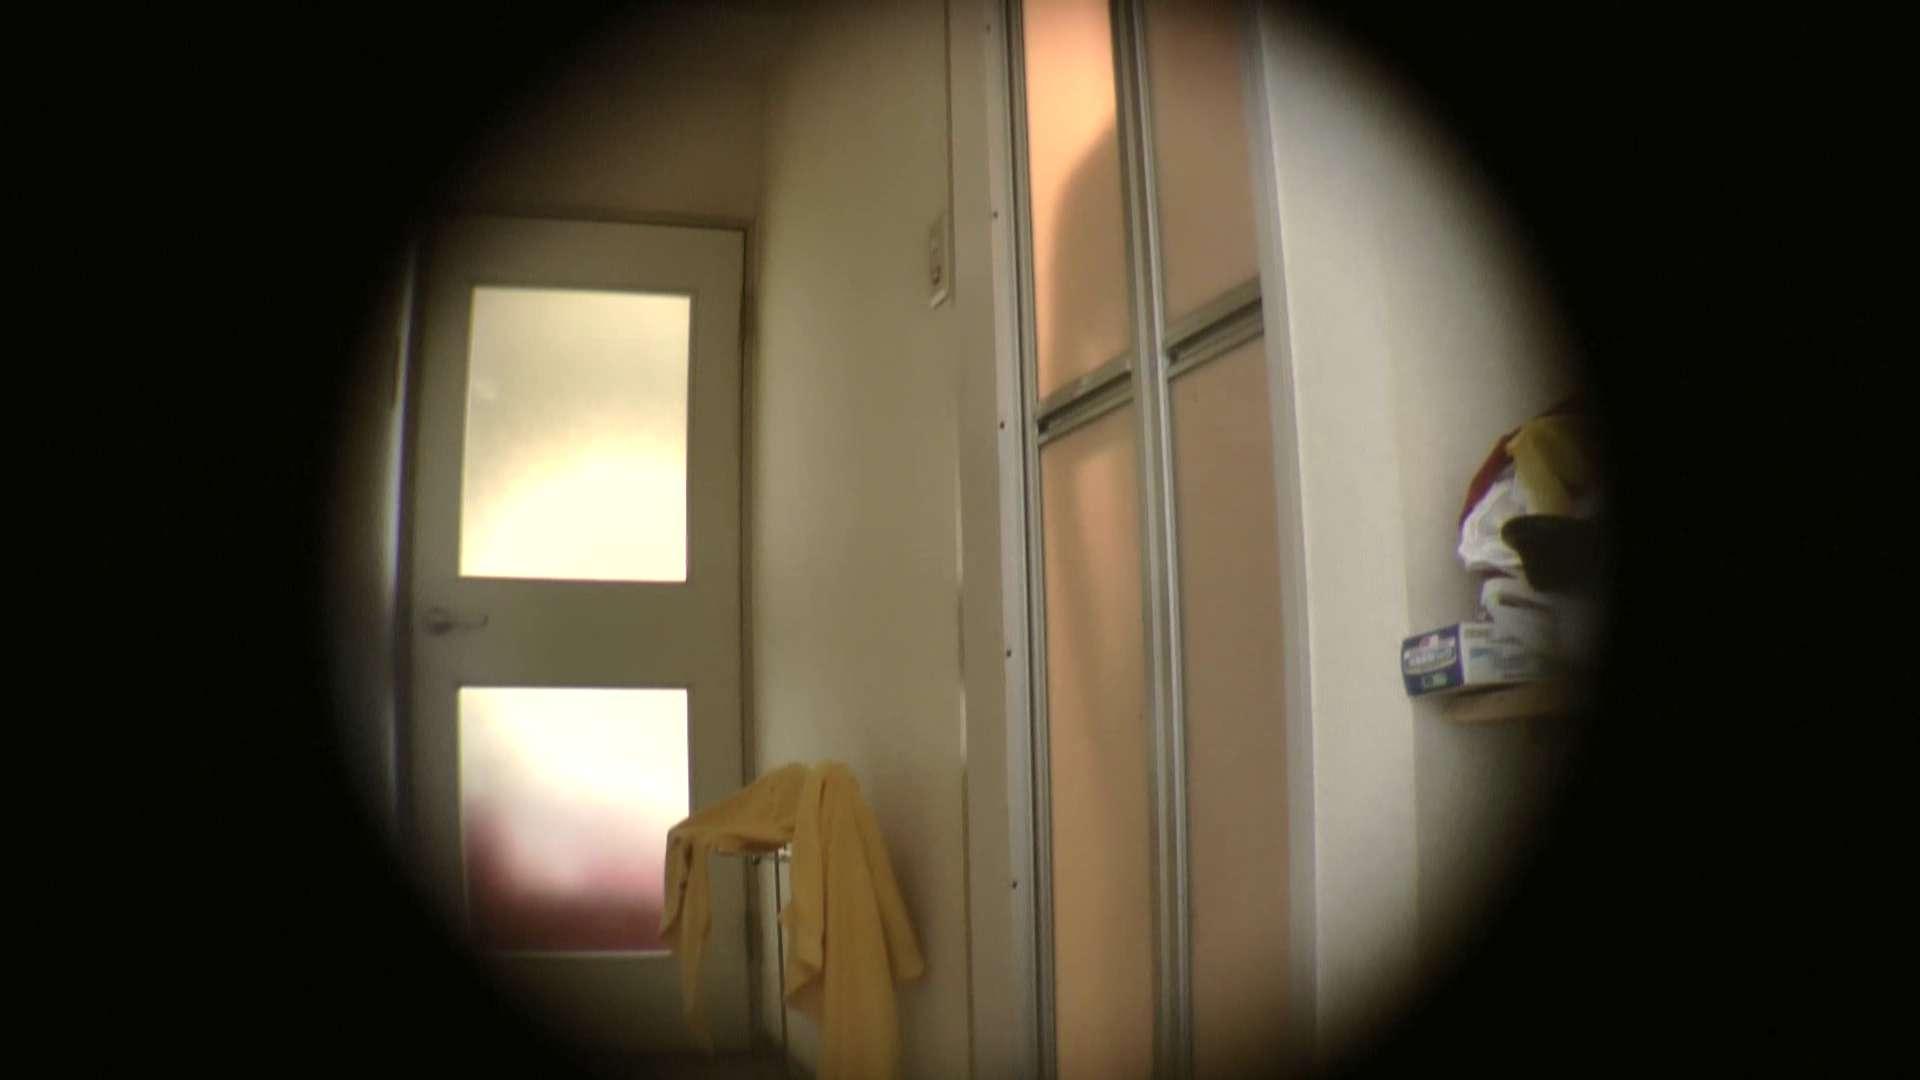 隠撮店の女の子をつまみ喰い~yukivol.4 隠撮 | OL裸体  107画像 71